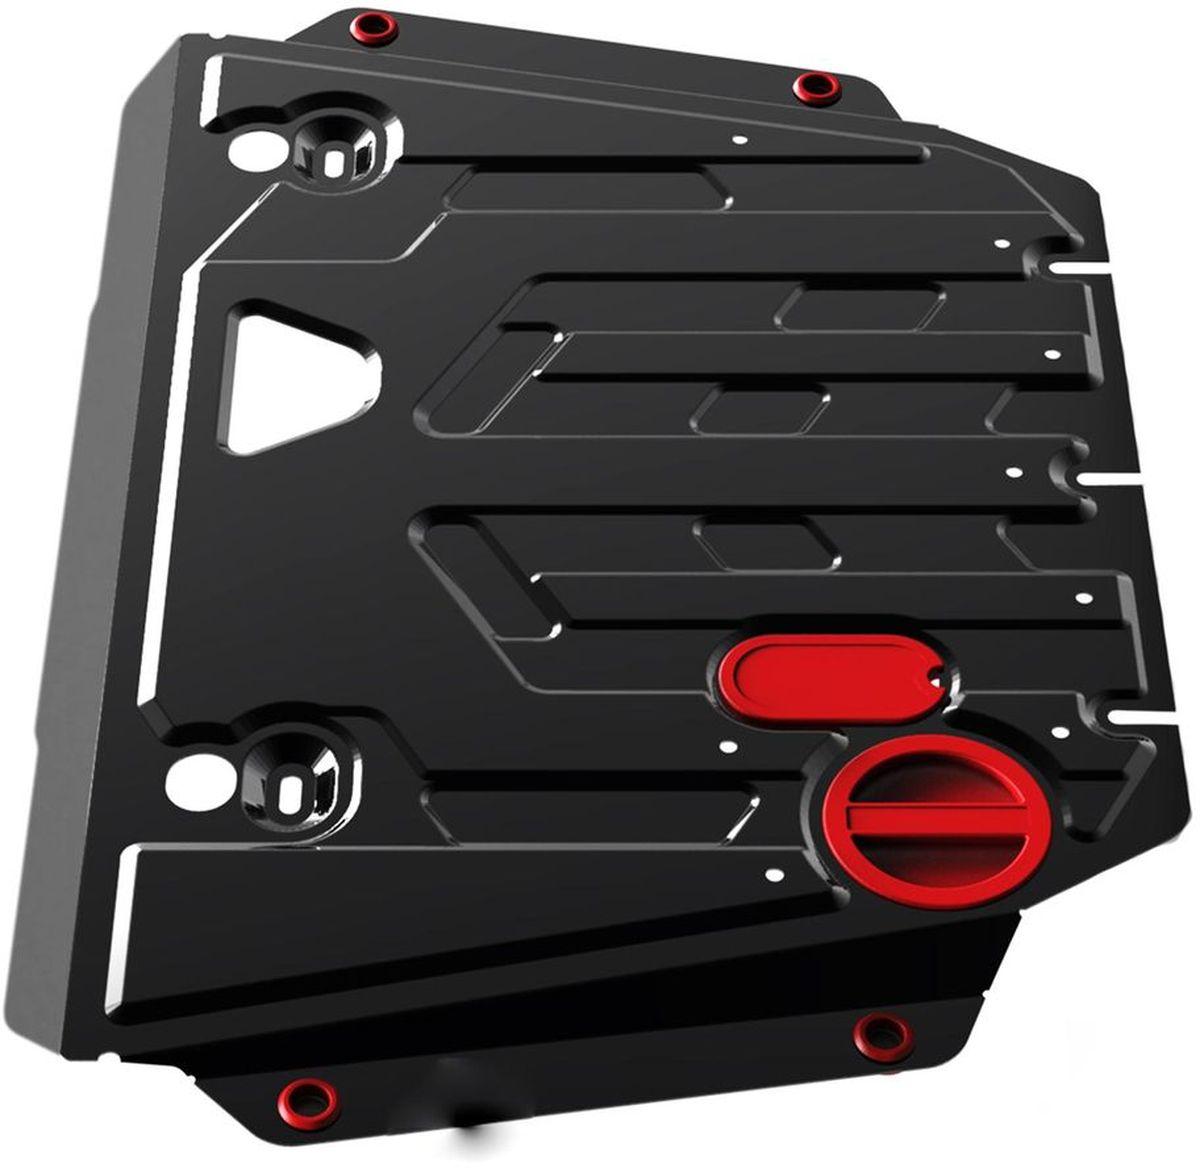 Защита картера и КПП Автоброня Honda Civic 2012-, сталь 2 мм111.02120.1Защита картера и КПП Автоброня Honda Civic 4dr, V - 1,8 2012-, сталь 2 мм, комплект крепежа, 111.02120.1Стальные защиты Автоброня надежно защищают ваш автомобиль от повреждений при наезде на бордюры, выступающие канализационные люки, кромки поврежденного асфальта или при ремонте дорог, не говоря уже о загородных дорогах.- Имеют оптимальное соотношение цена-качество.- Спроектированы с учетом особенностей автомобиля, что делает установку удобной.- Защита устанавливается в штатные места кузова автомобиля.- Является надежной защитой для важных элементов на протяжении долгих лет.- Глубокий штамп дополнительно усиливает конструкцию защиты.- Подштамповка в местах крепления защищает крепеж от срезания.- Технологические отверстия там, где они необходимы для смены масла и слива воды, оборудованные заглушками, закрепленными на защите.Толщина стали 2 мм.В комплекте крепеж и инструкция по установке.Уважаемые клиенты!Обращаем ваше внимание на тот факт, что защита имеет форму, соответствующую модели данного автомобиля. Наличие глубокого штампа и лючков для смены фильтров/масла предусмотрено не на всех защитах. Фото служит для визуального восприятия товара.